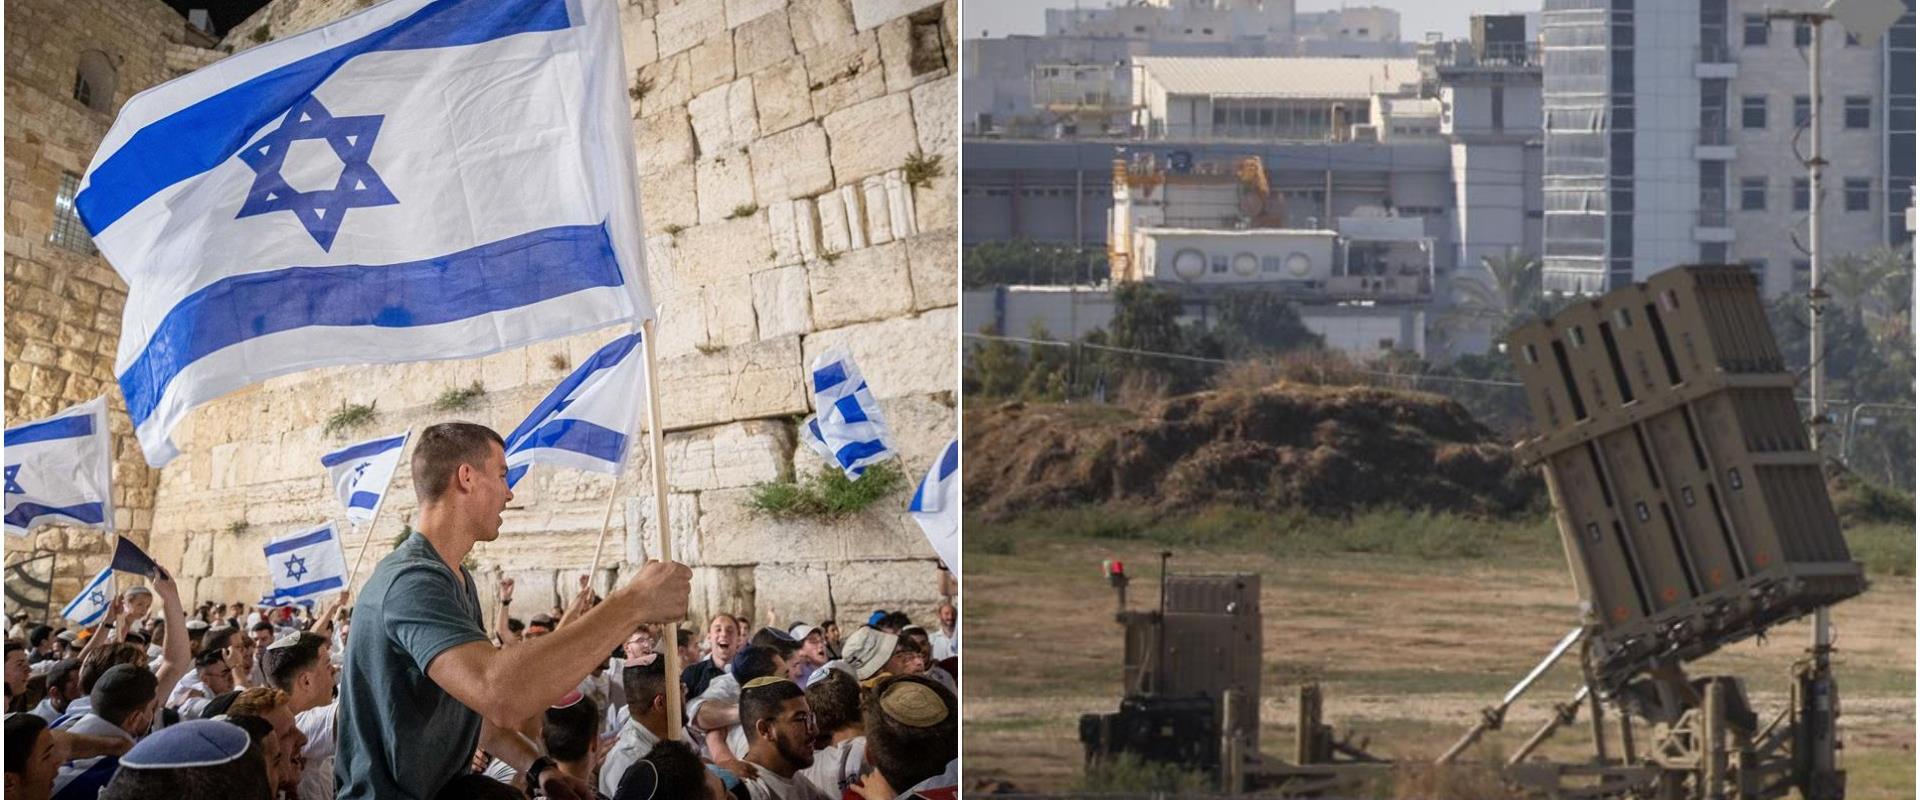 Israël : marche des drapeaux à Jérusalem approuvé, Dôme de fer renforcé